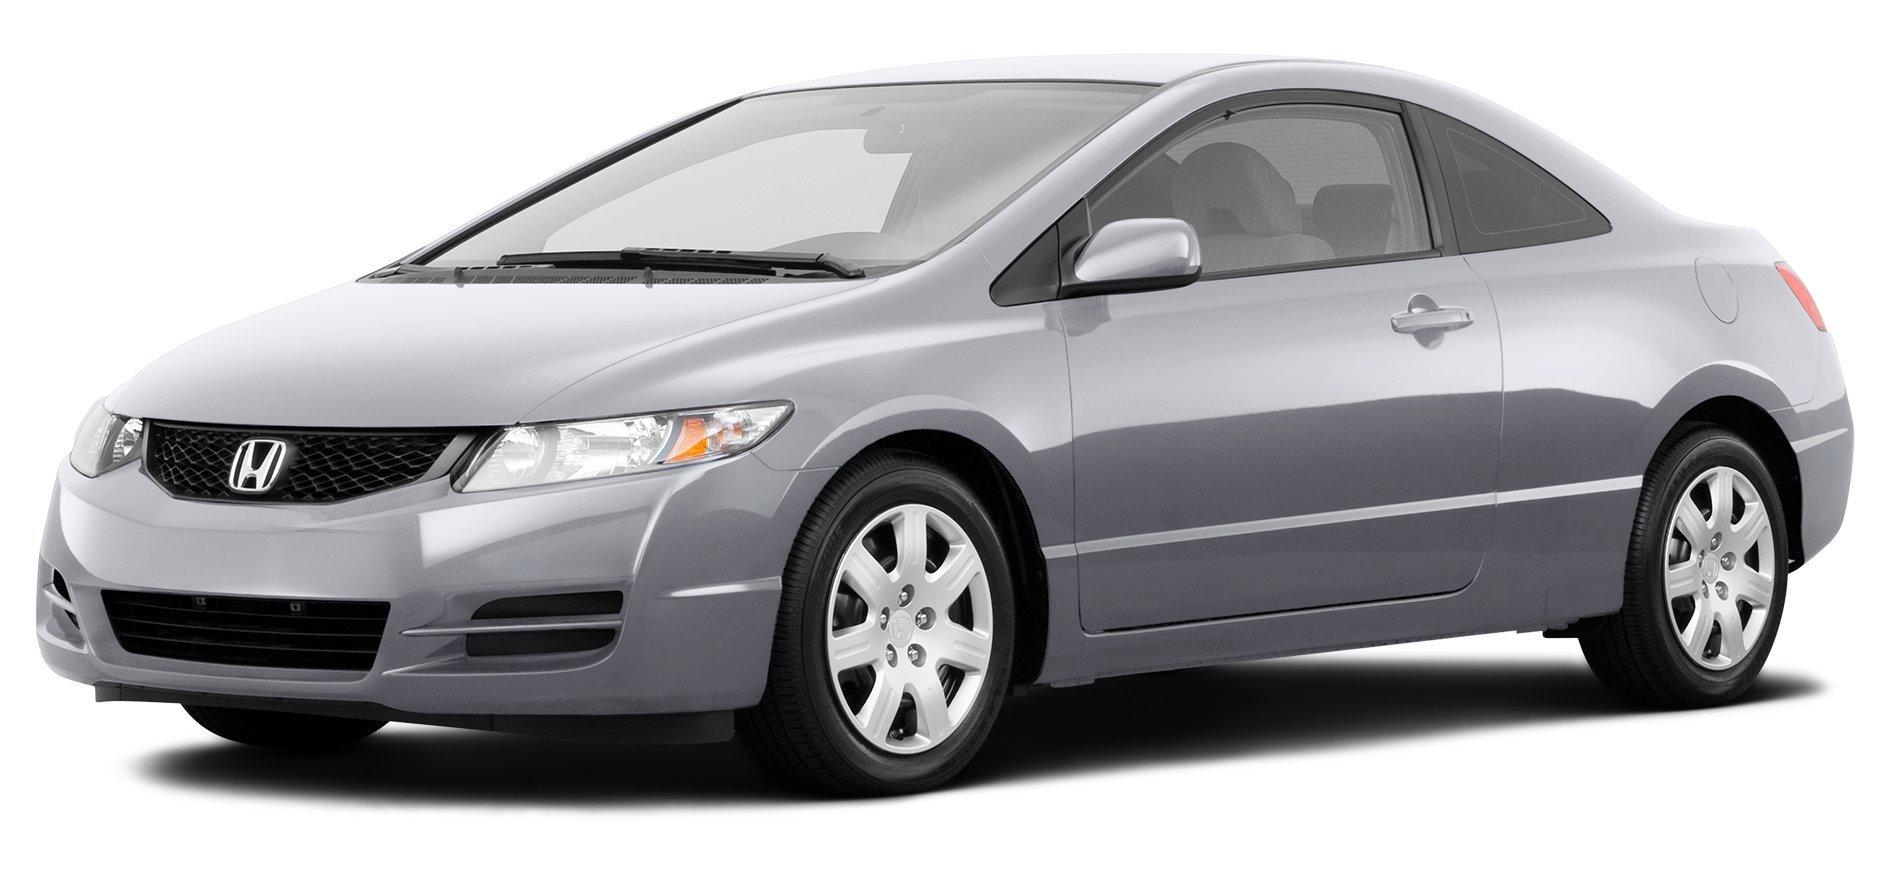 2011 scion tc manual transmission